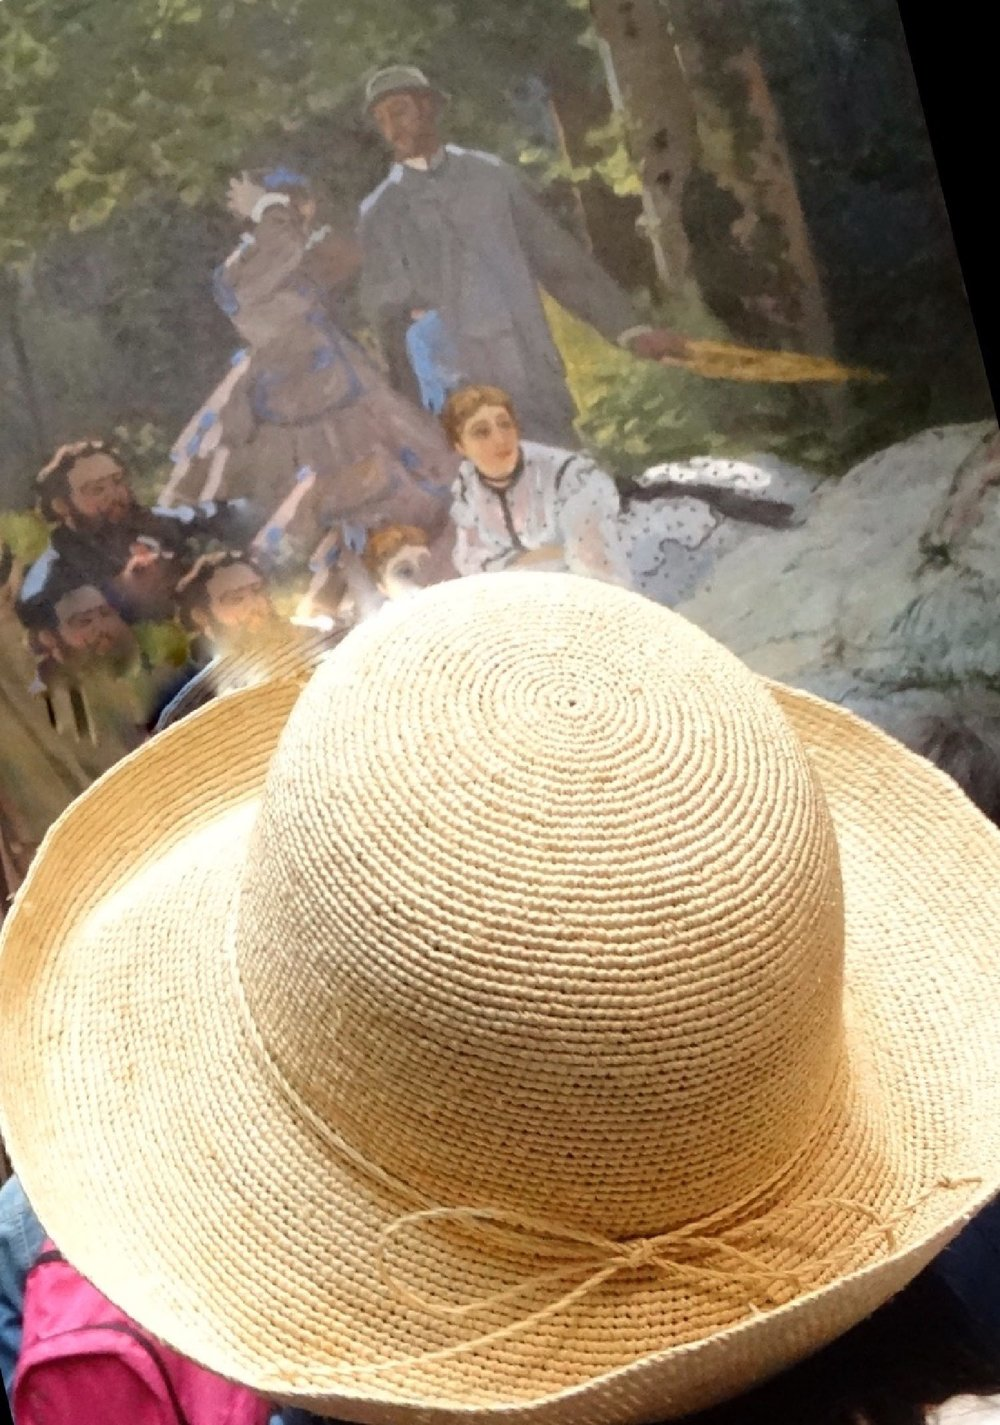 Chapeau impressionniste | Musée d'Orsay Paris | photo sandrine cohen